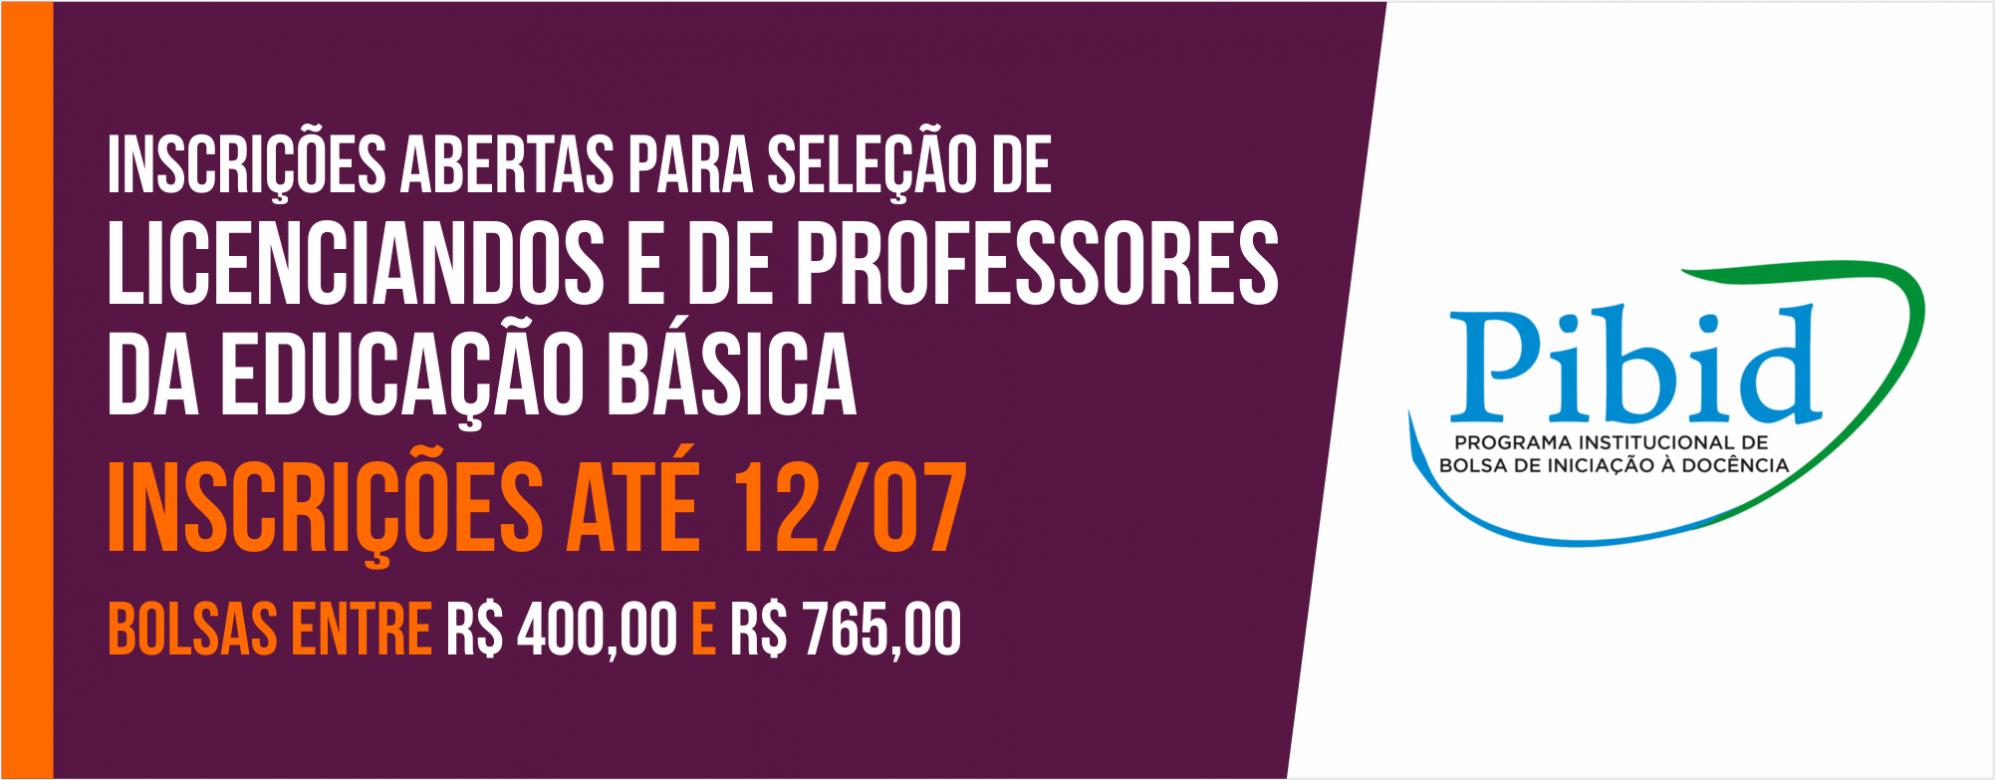 Inscrições abertas para seleção de licenciandos e de professores da Educação Básica para atuarem no Pibid